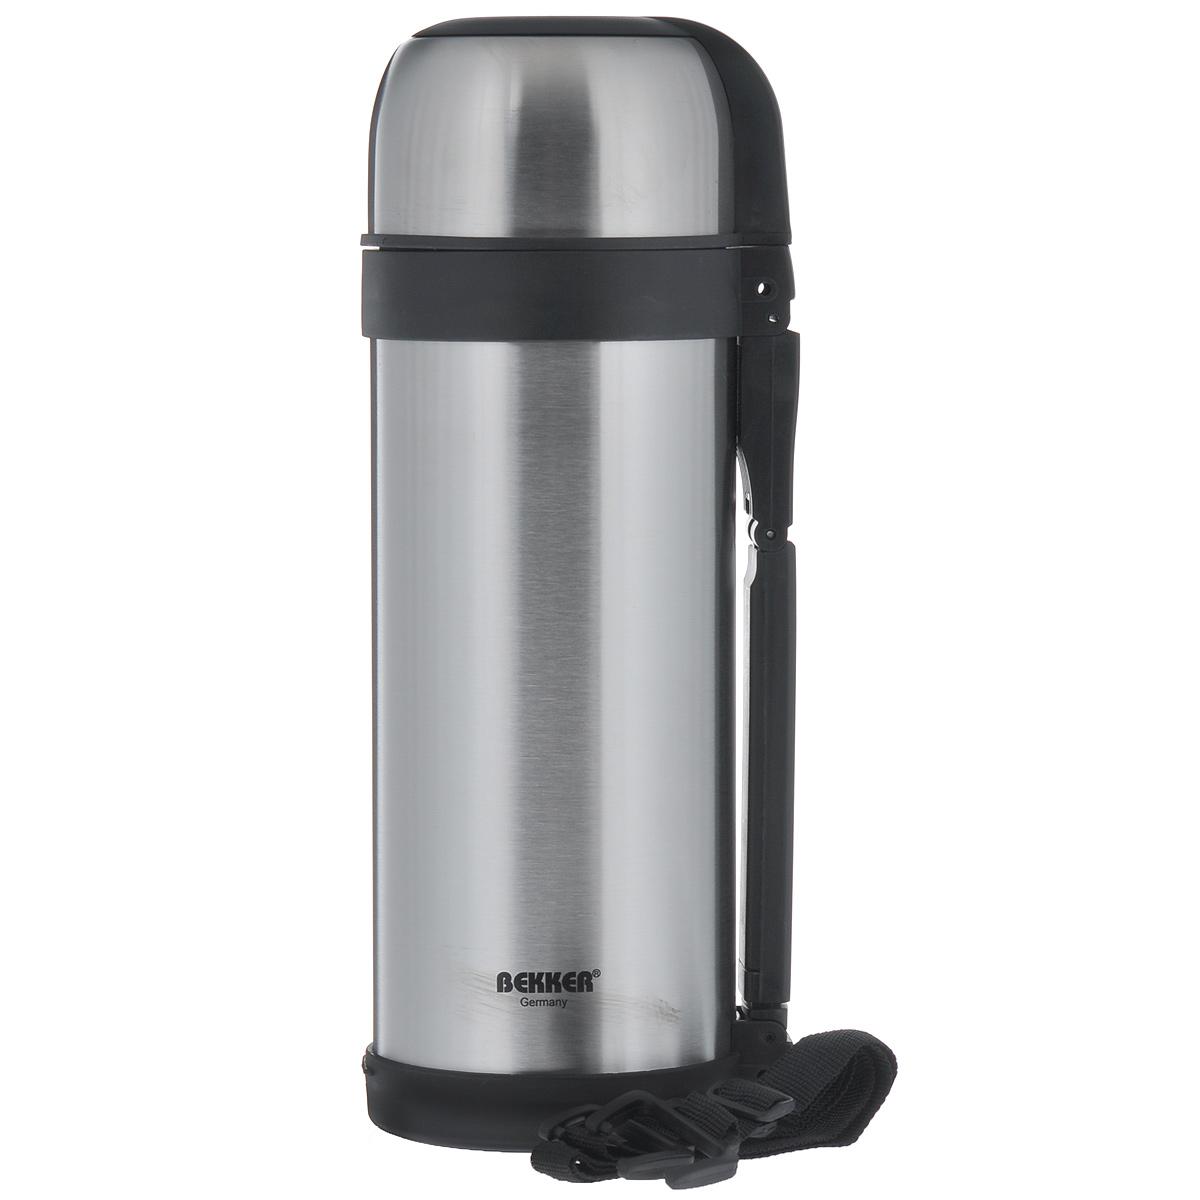 Термос Bekker, с широким горлом, 1,8 л. BK-79115610Термос Bekker изготовлен из высококачественной нержавеющей стали 18/8. Он имеет небьющуюся внутреннюю колбу с двойной стенкой и изолированную крышку. Изделие оснащено вакуумной кнопкой для жидкости, а также удобной ручкой. Термос сохраняет напитки и пищу горячими и холодными долгое время. В комплекте ремень для переноски, что делает использование термоса легким и удобным.Легкий и прочный термос Bekker идеально подойдет для транспортировки и путешествий.